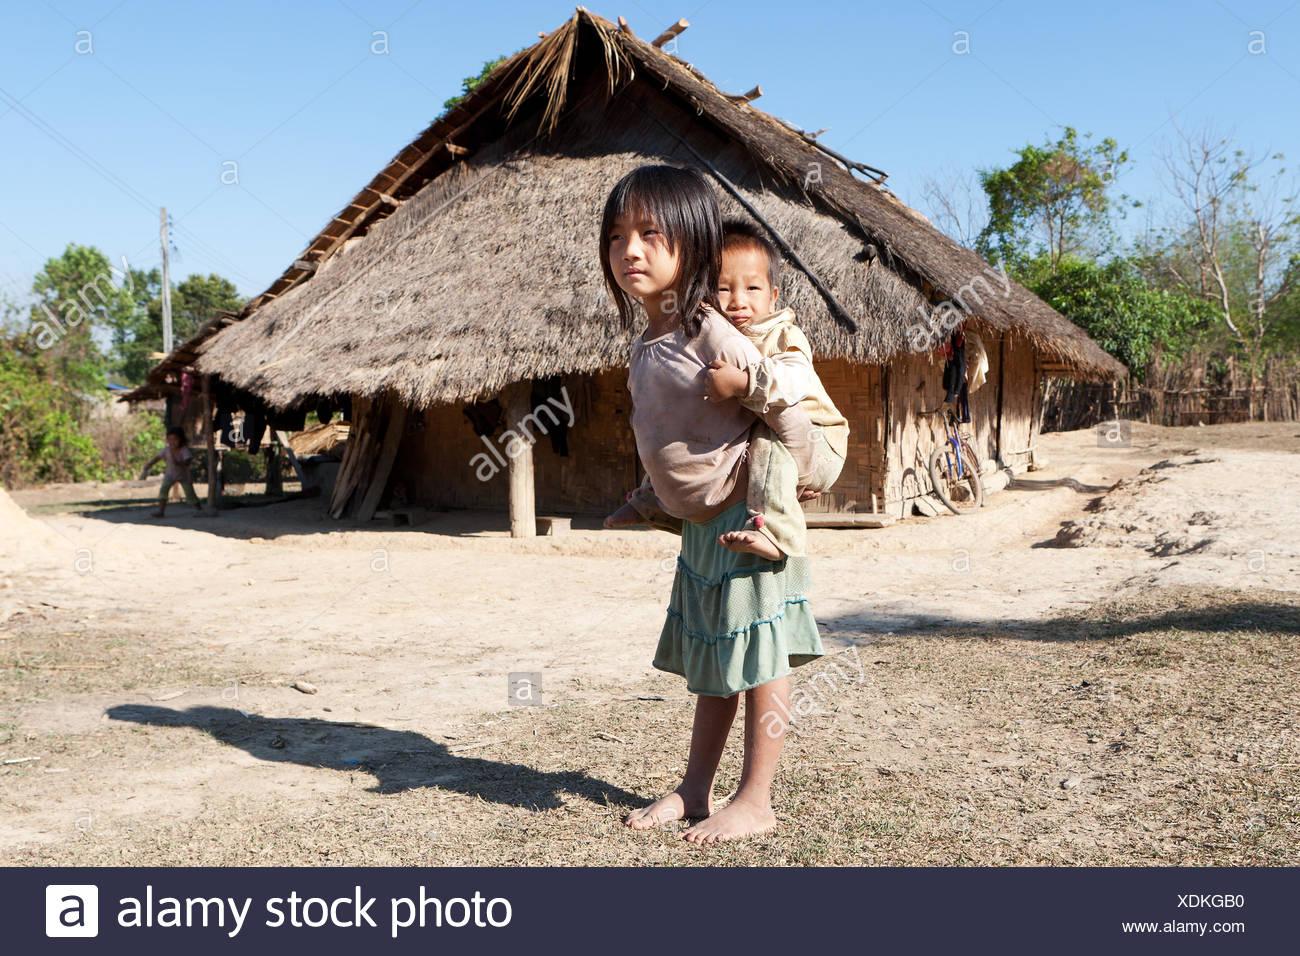 Les enfants en situation de pauvreté Photo Stock